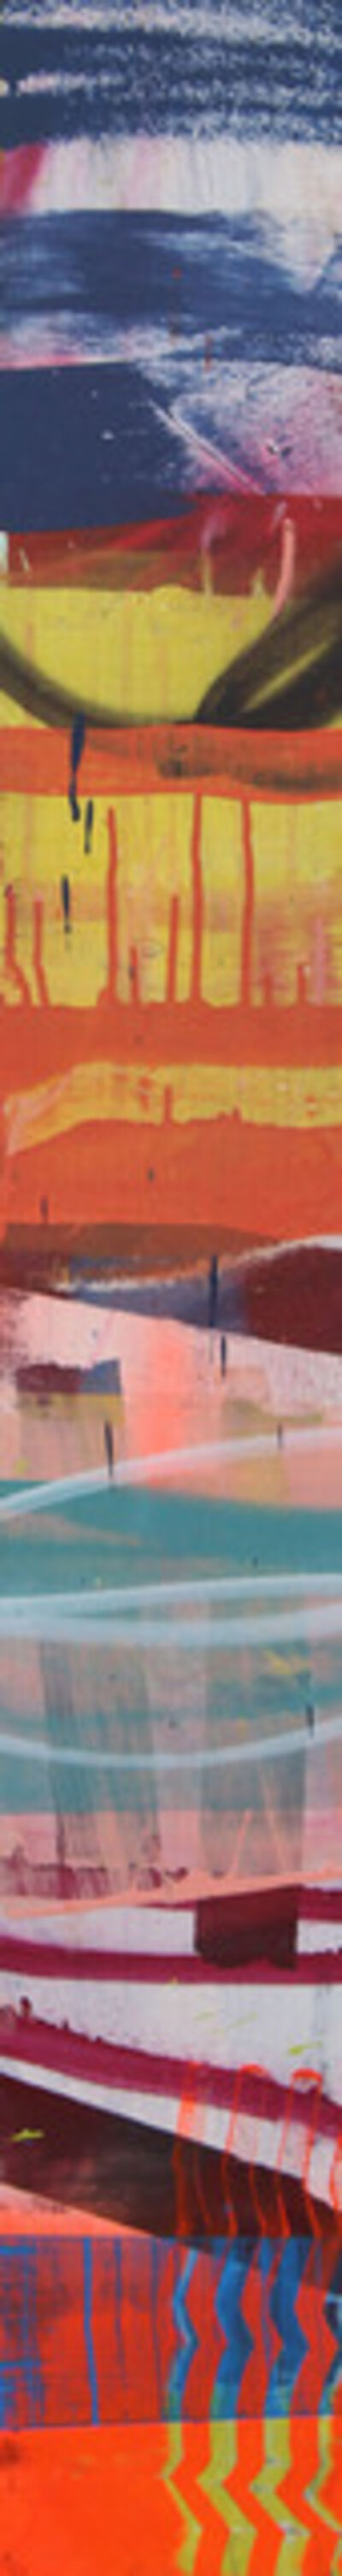 Cameron Wilson Ritcher, 'Slice VI', 2019